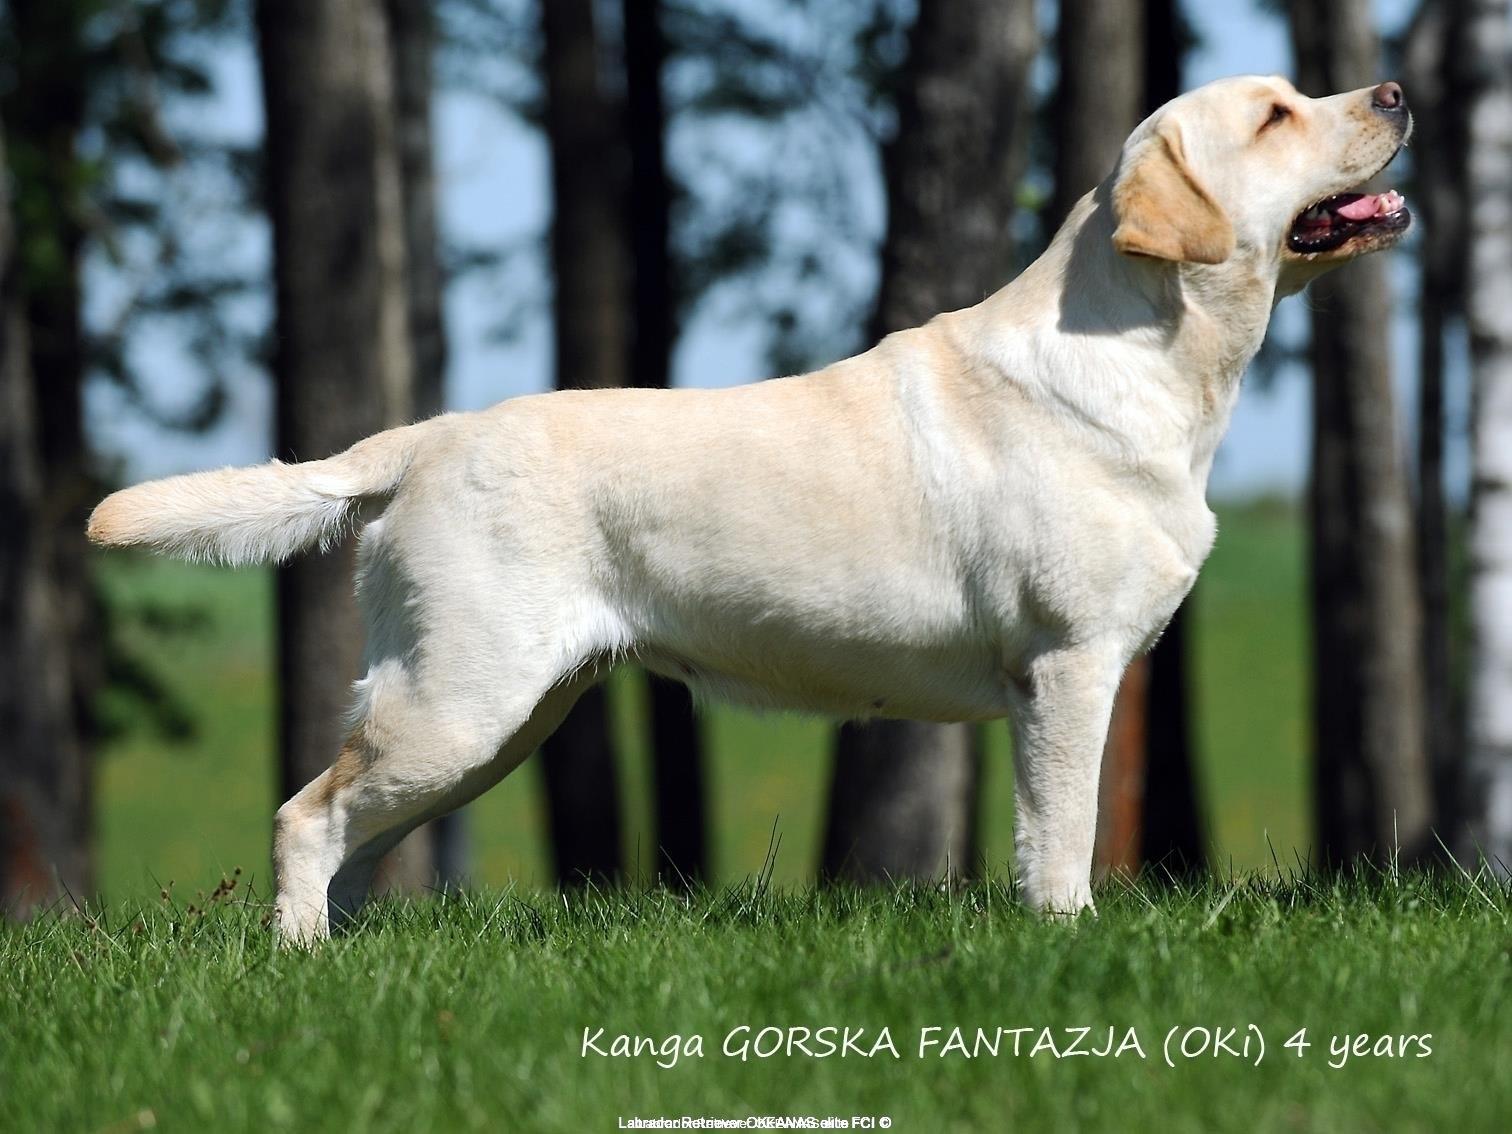 inter-champion-fci-kanga-gorska-fantazja-oki-4-y